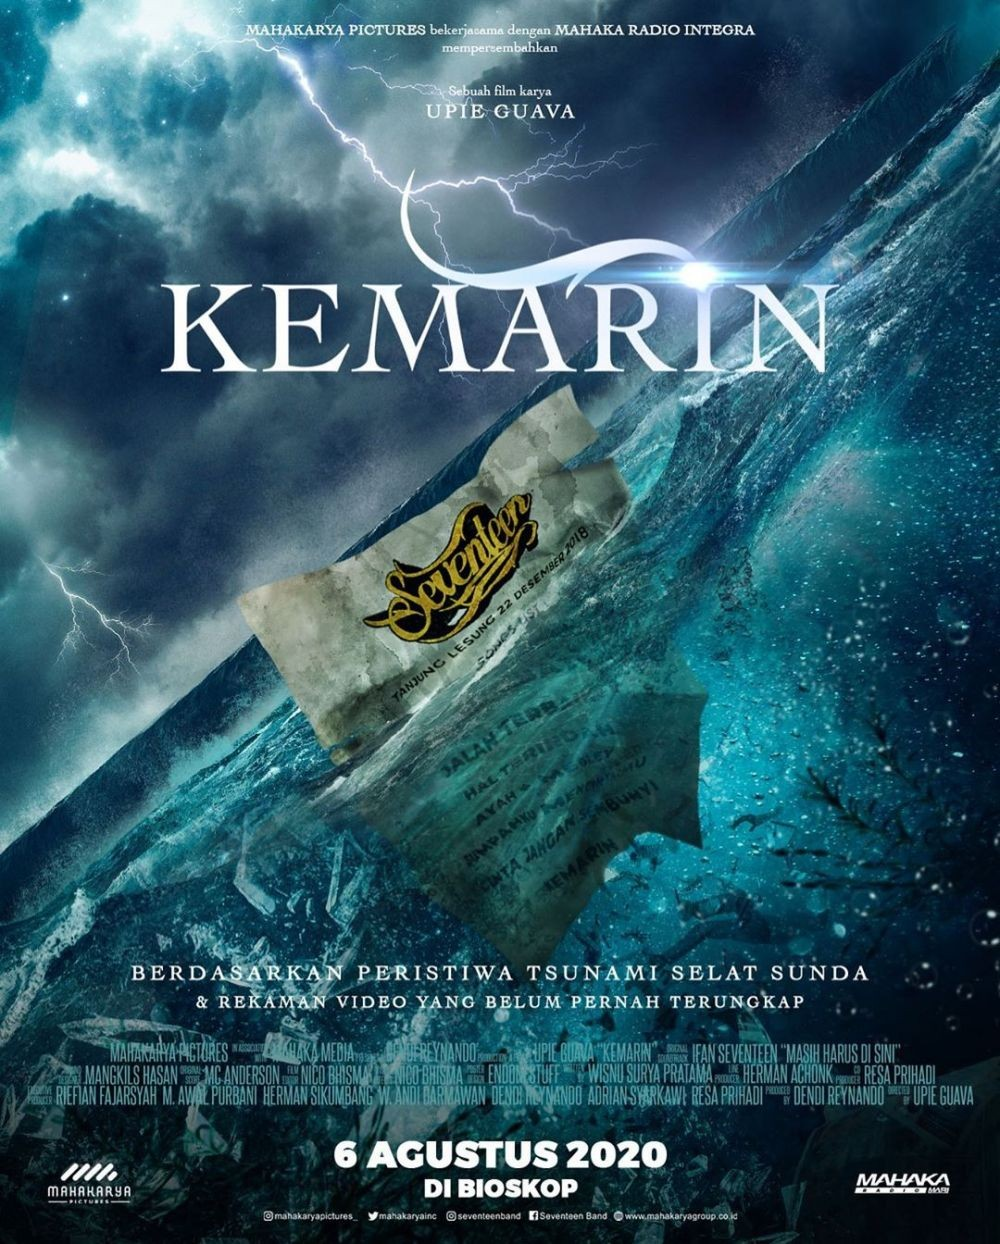 Mengenang Kembali Kejadian Tsunami Banten, Ini 10 Fakta Film 'Kemarin'